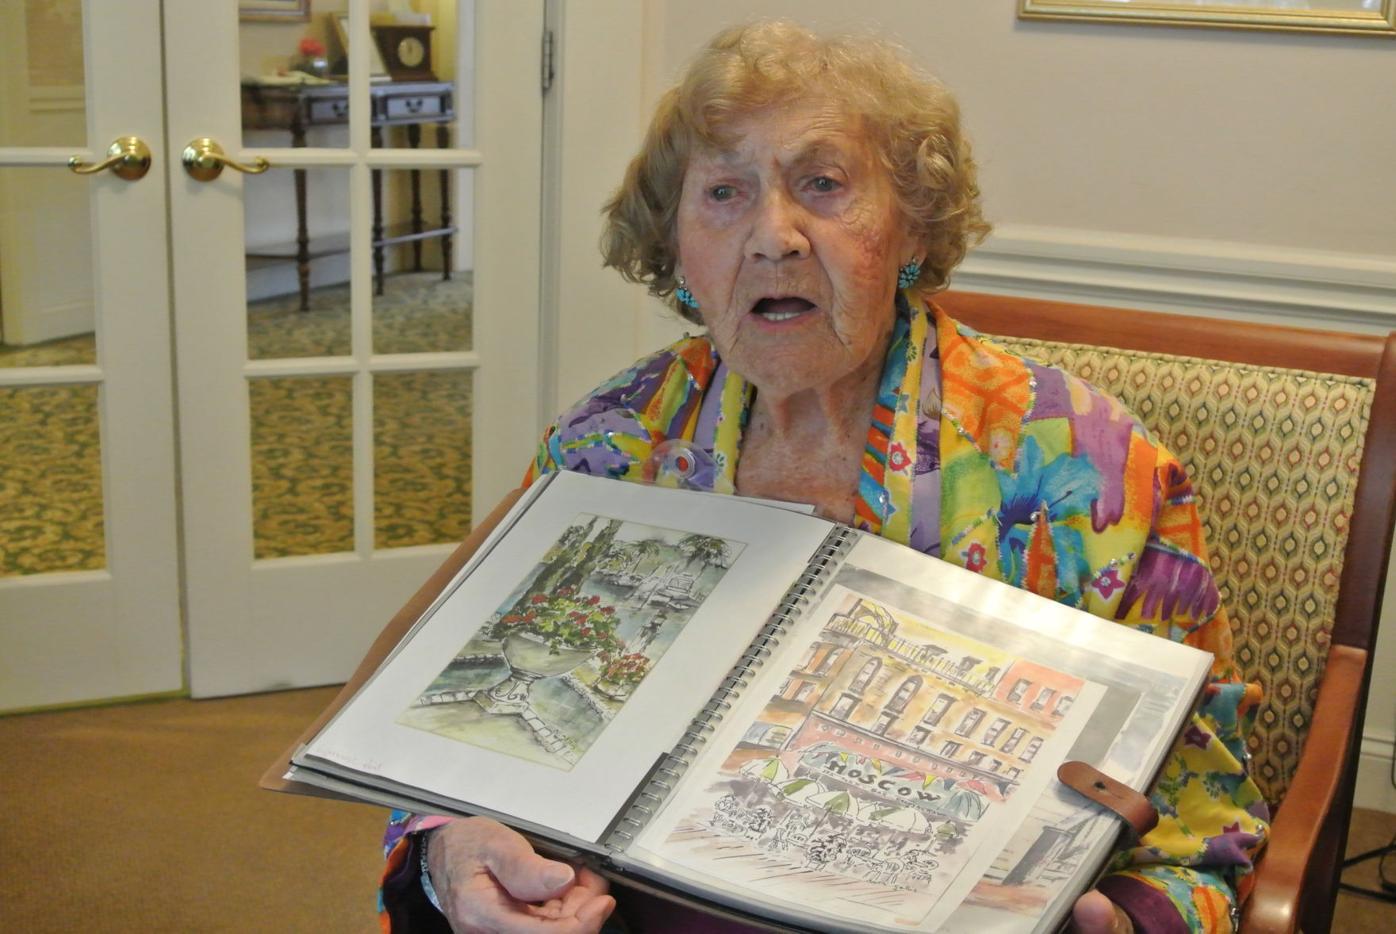 Holocaust survivor and artist Ruth Gellis